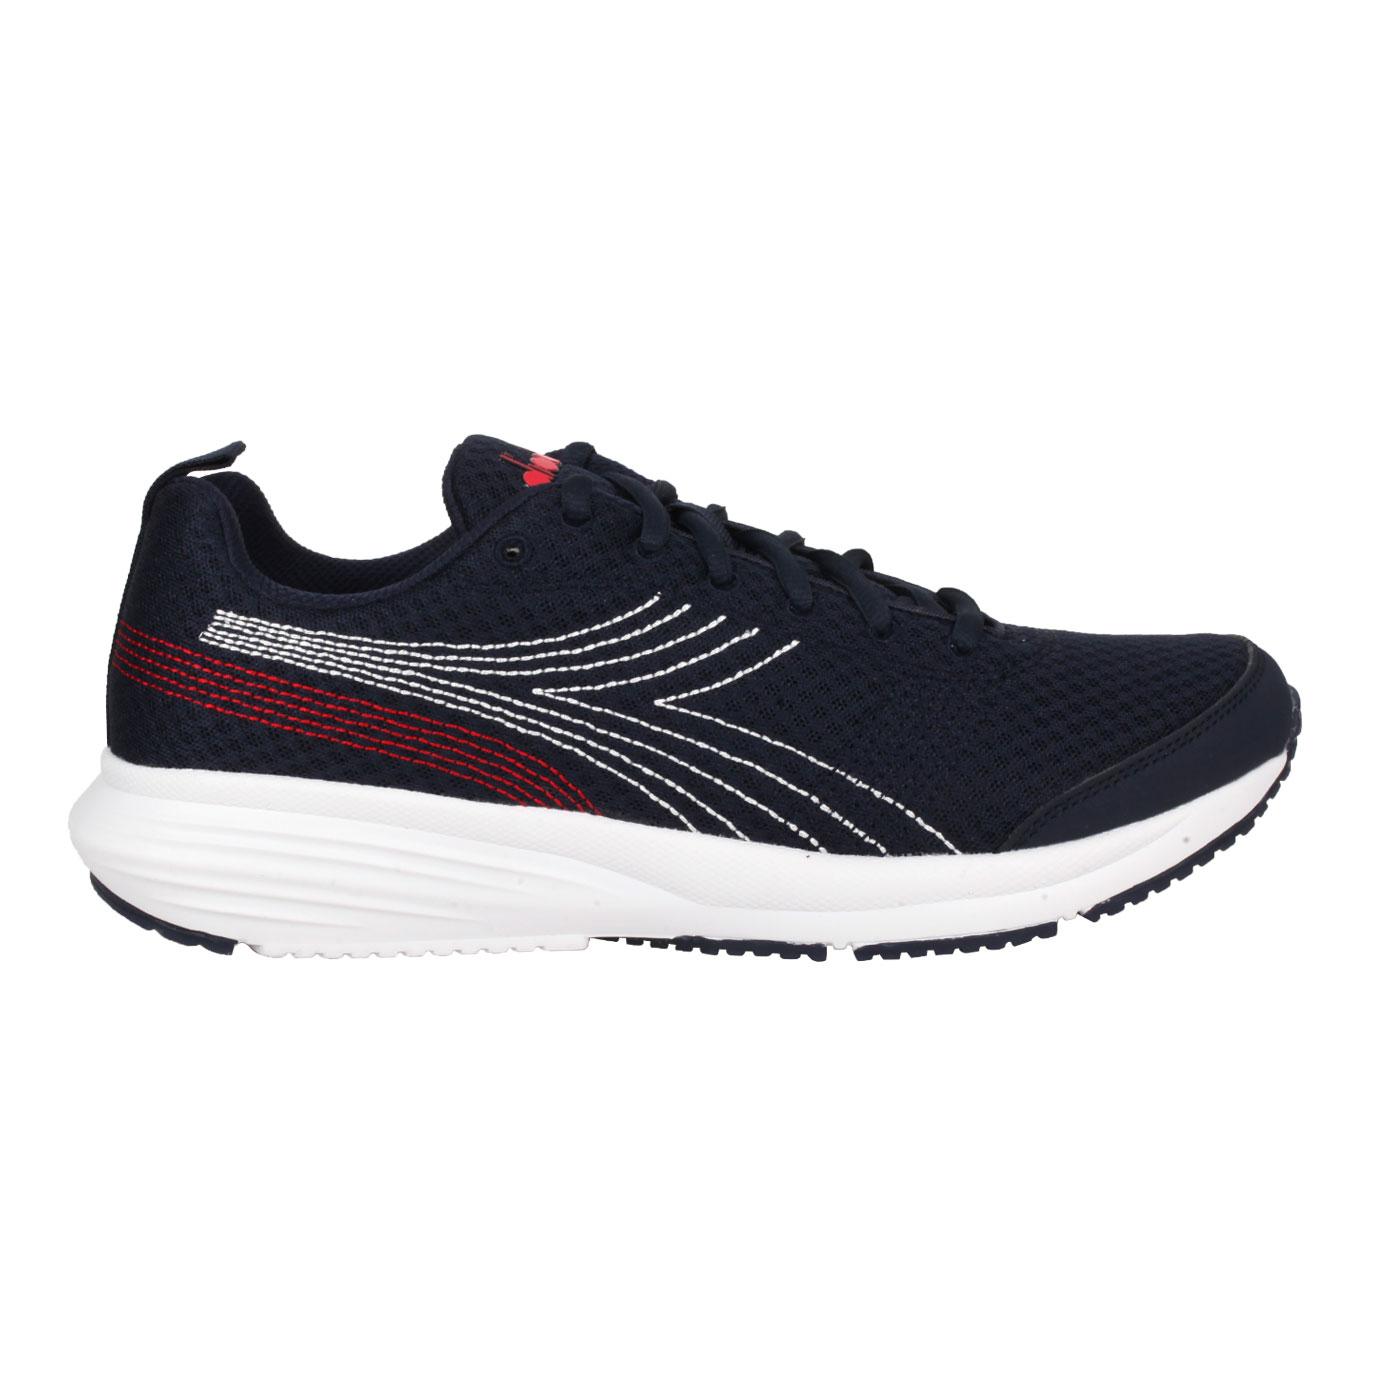 DIADORA 男款進口慢跑鞋 DA176877-C1141 - 丈青白紅